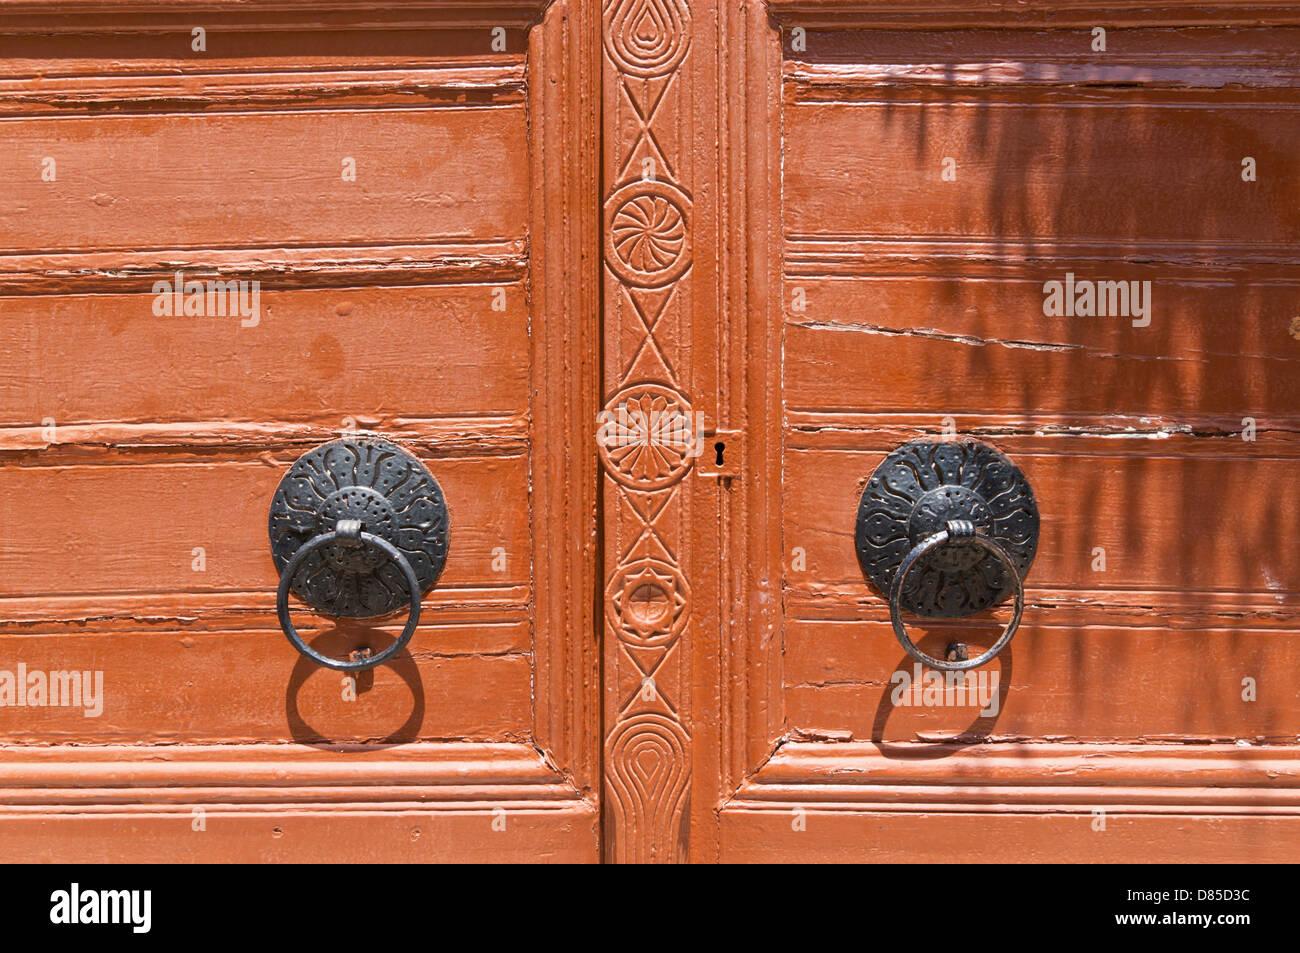 Detailansicht einer doppelten Holztür mit eisernen Tür Knöpfe, Rethymno, Kreta Stockbild